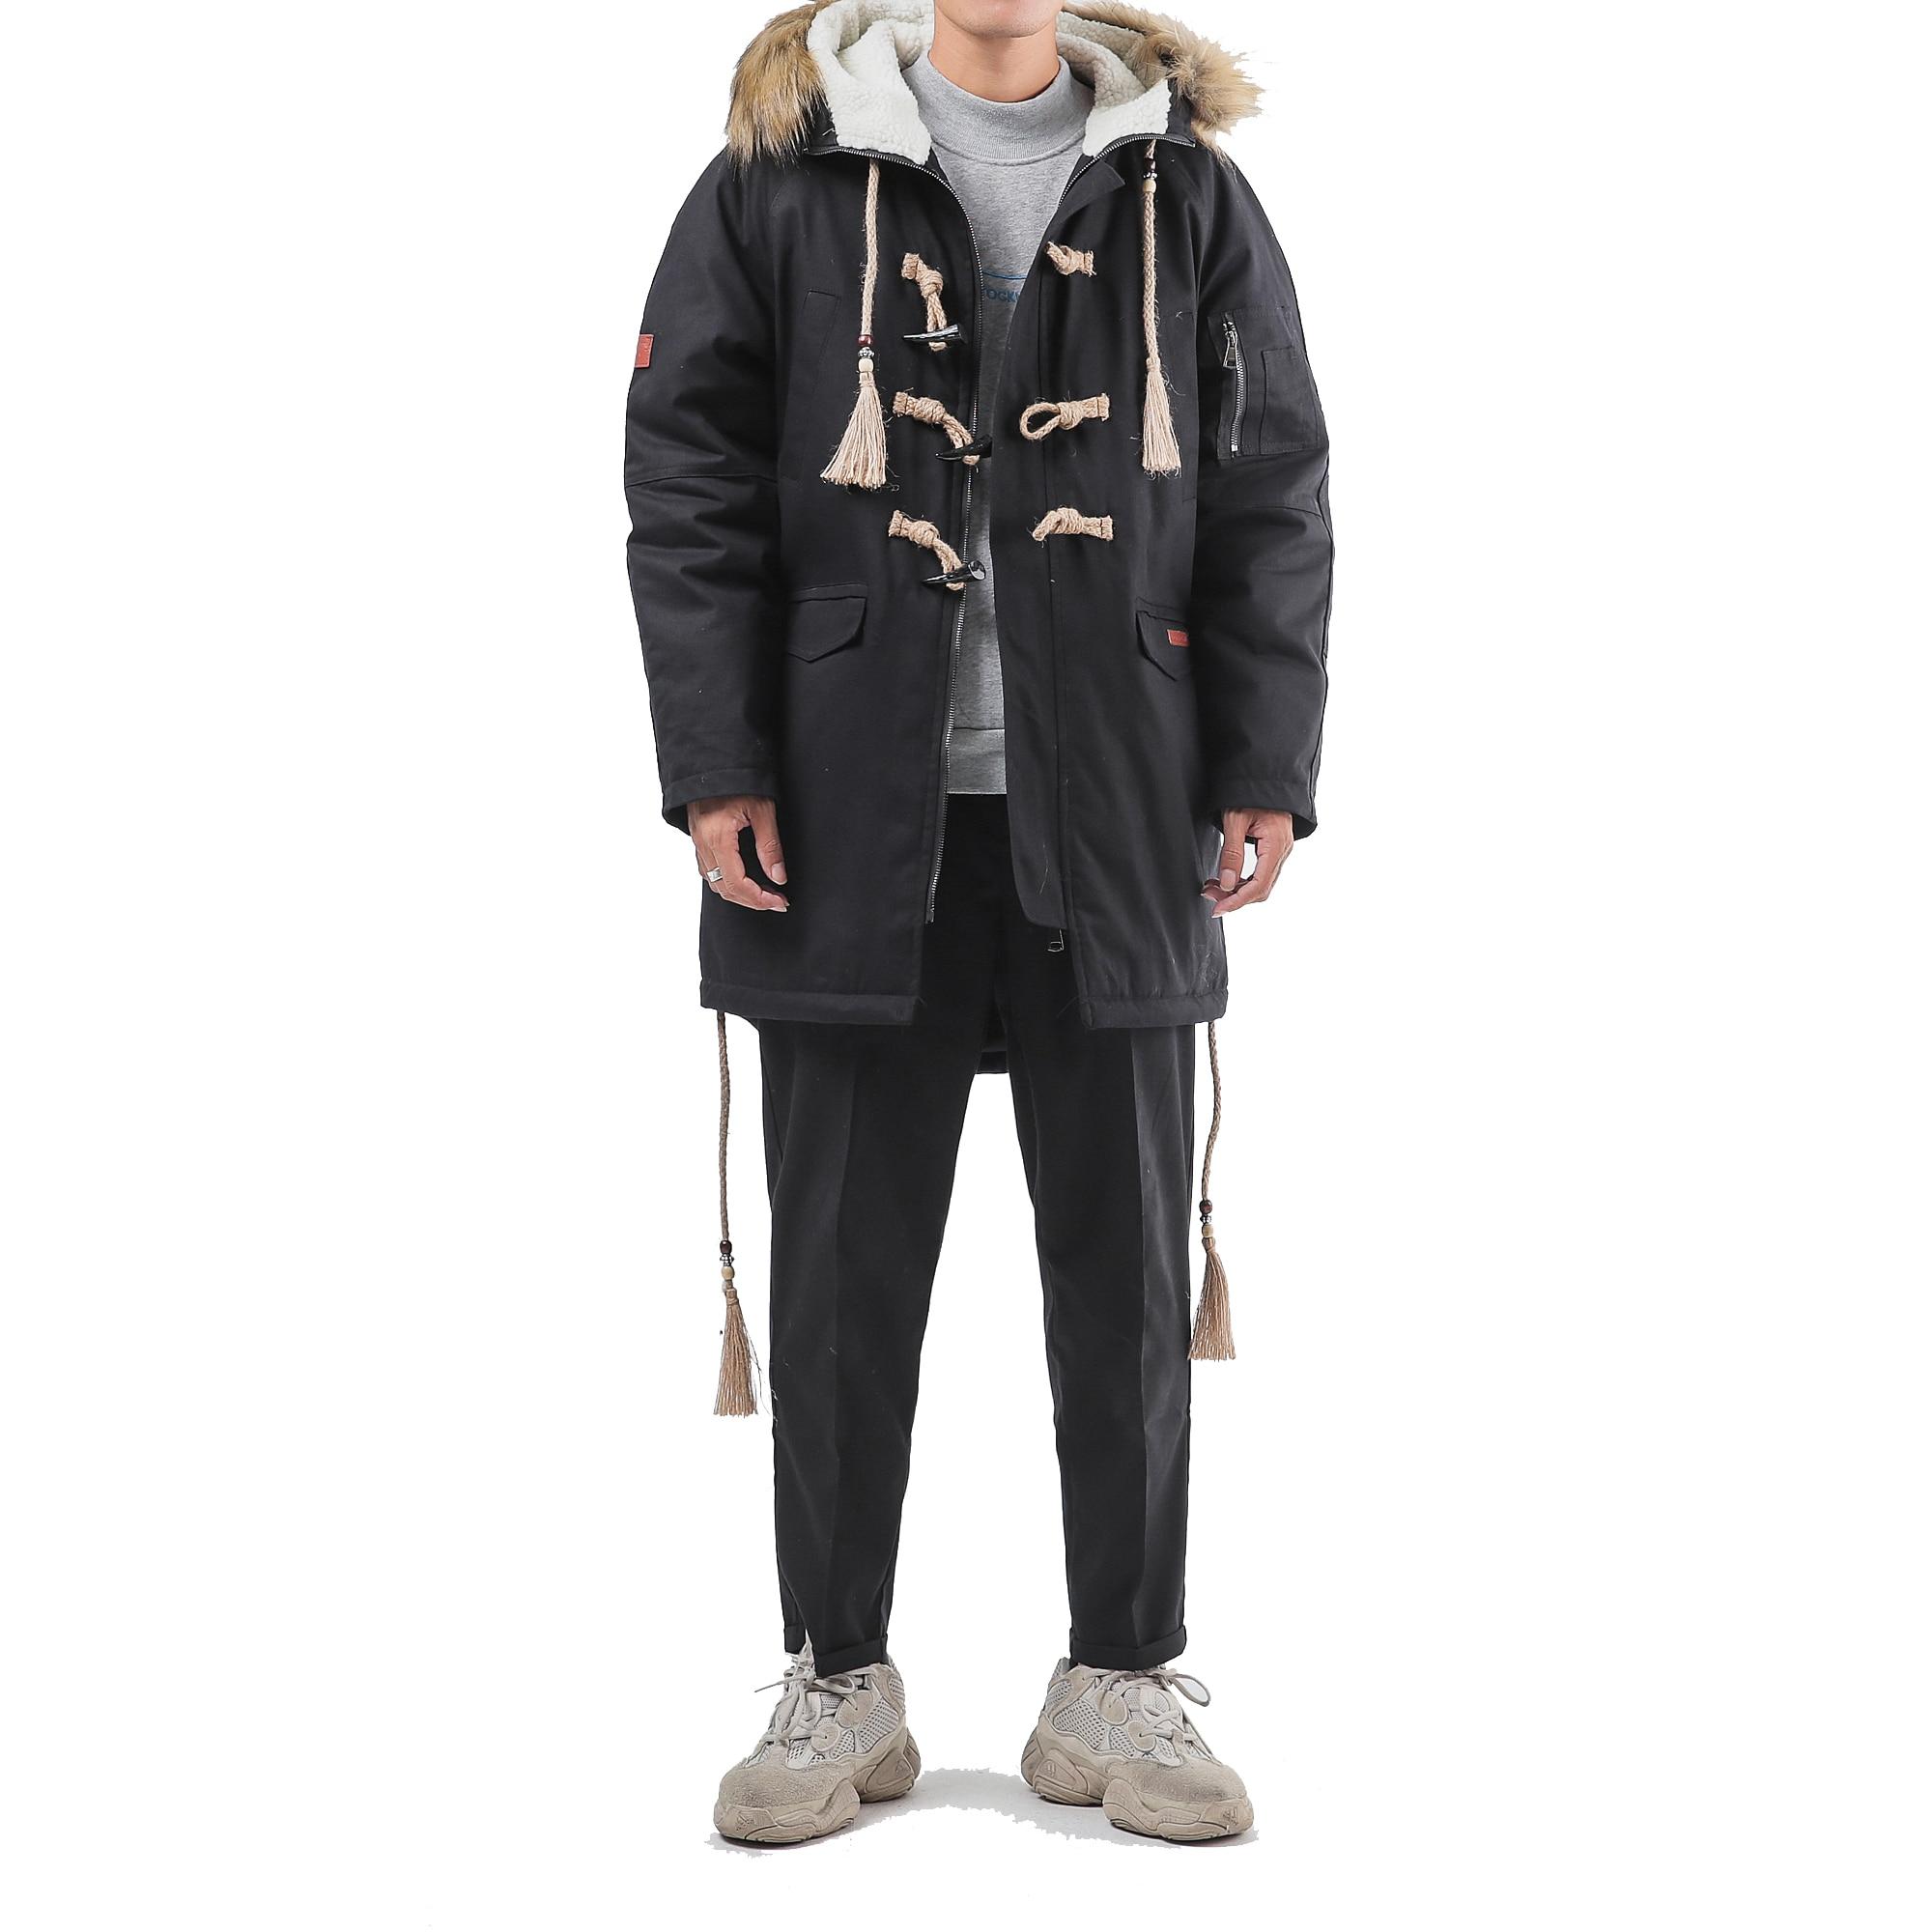 f97f47b386860 OSCN7-Inverno-Casual-Artiglio-Pulsante-Imbottito-Con-Cappuccio-del-Cappotto-Degli-Uomini- di-Marca-di-Abbigliamento.jpg